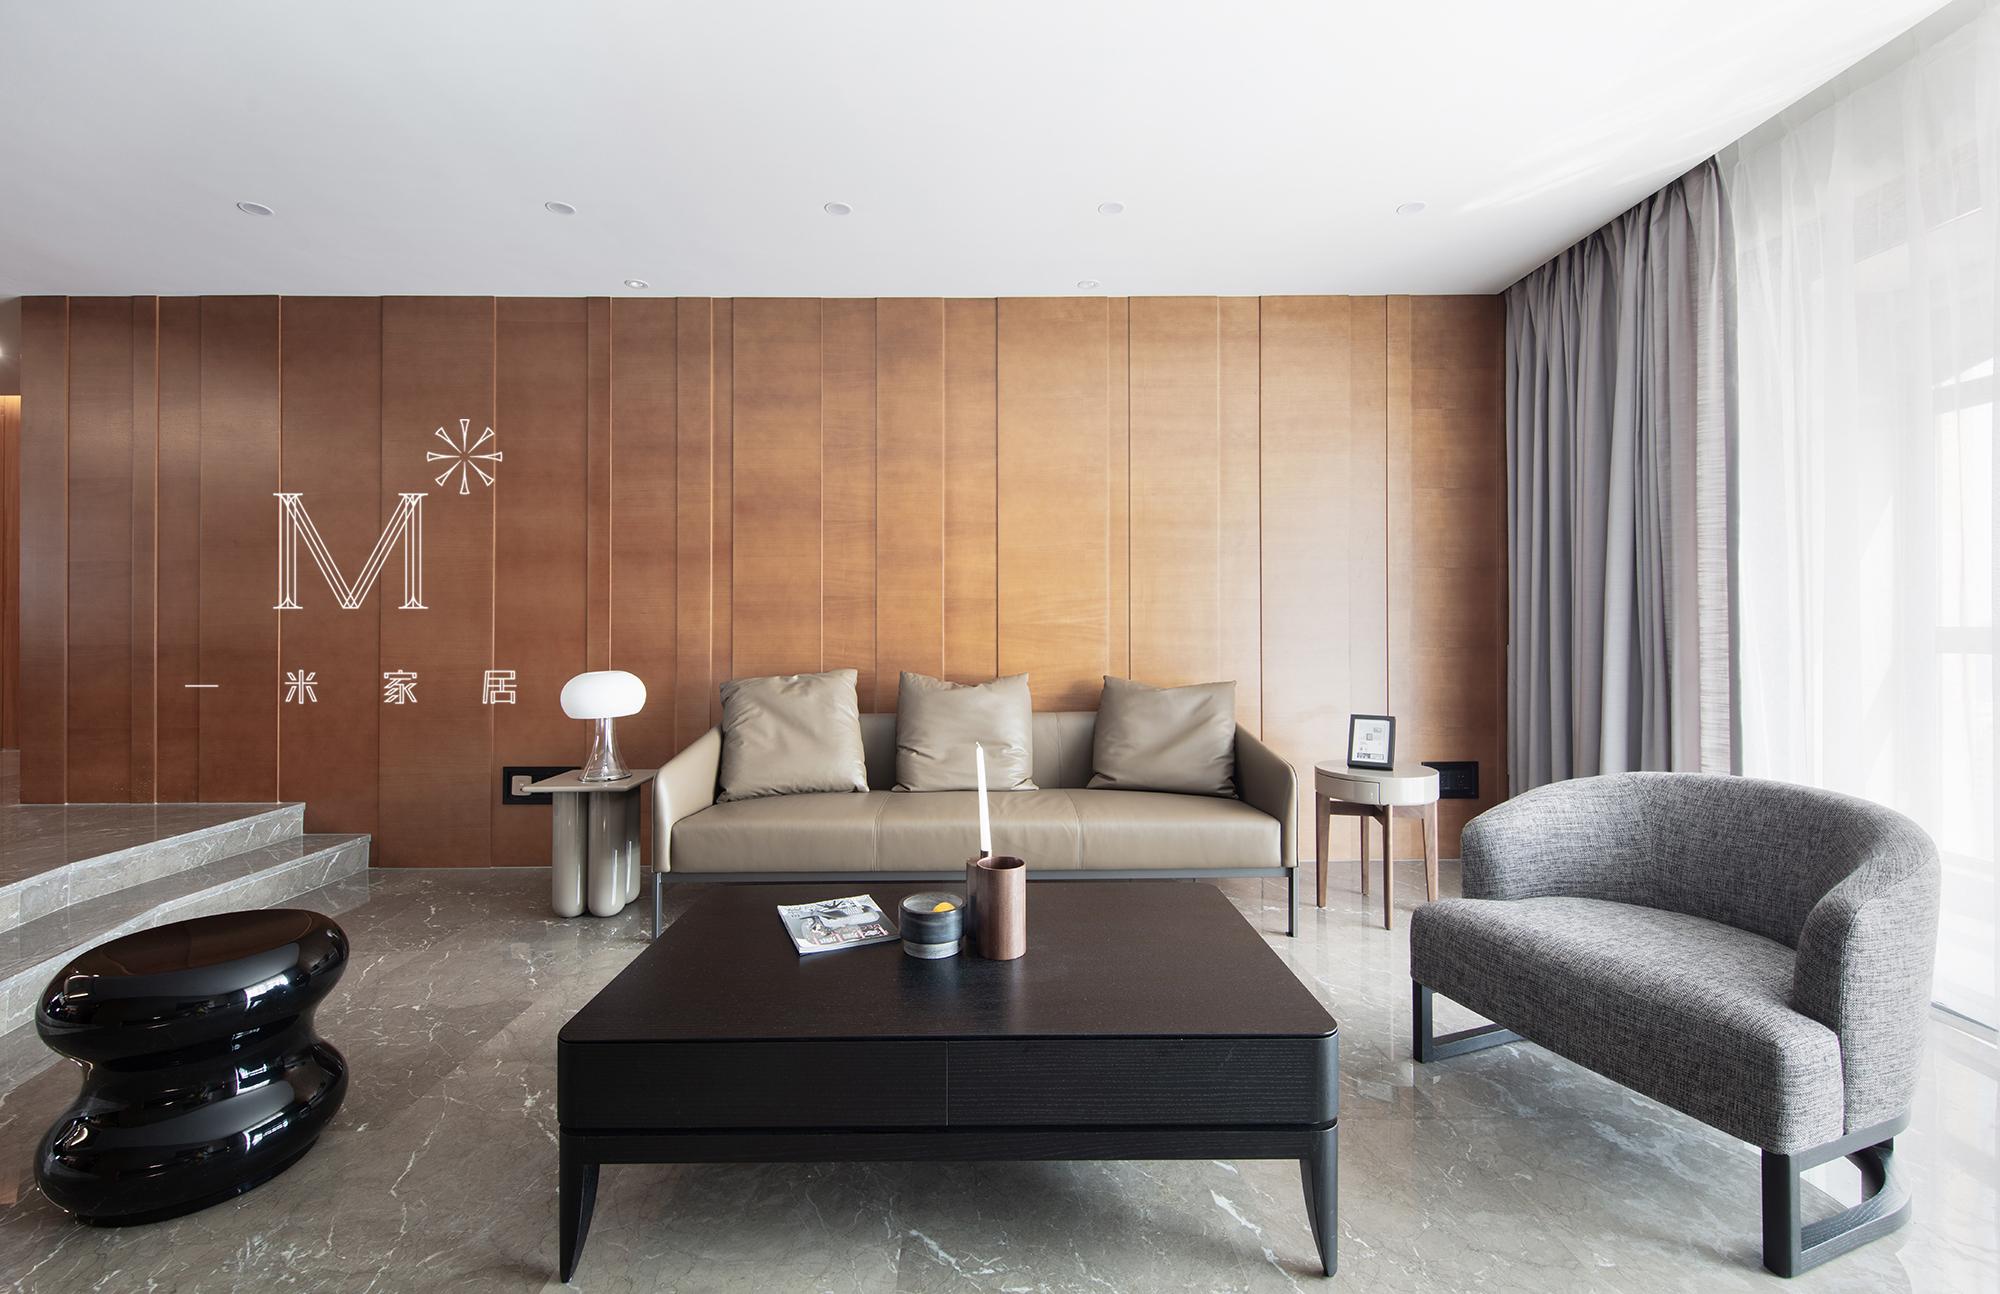 浪漫250平现代三居实拍图客厅现代简约客厅设计图片赏析